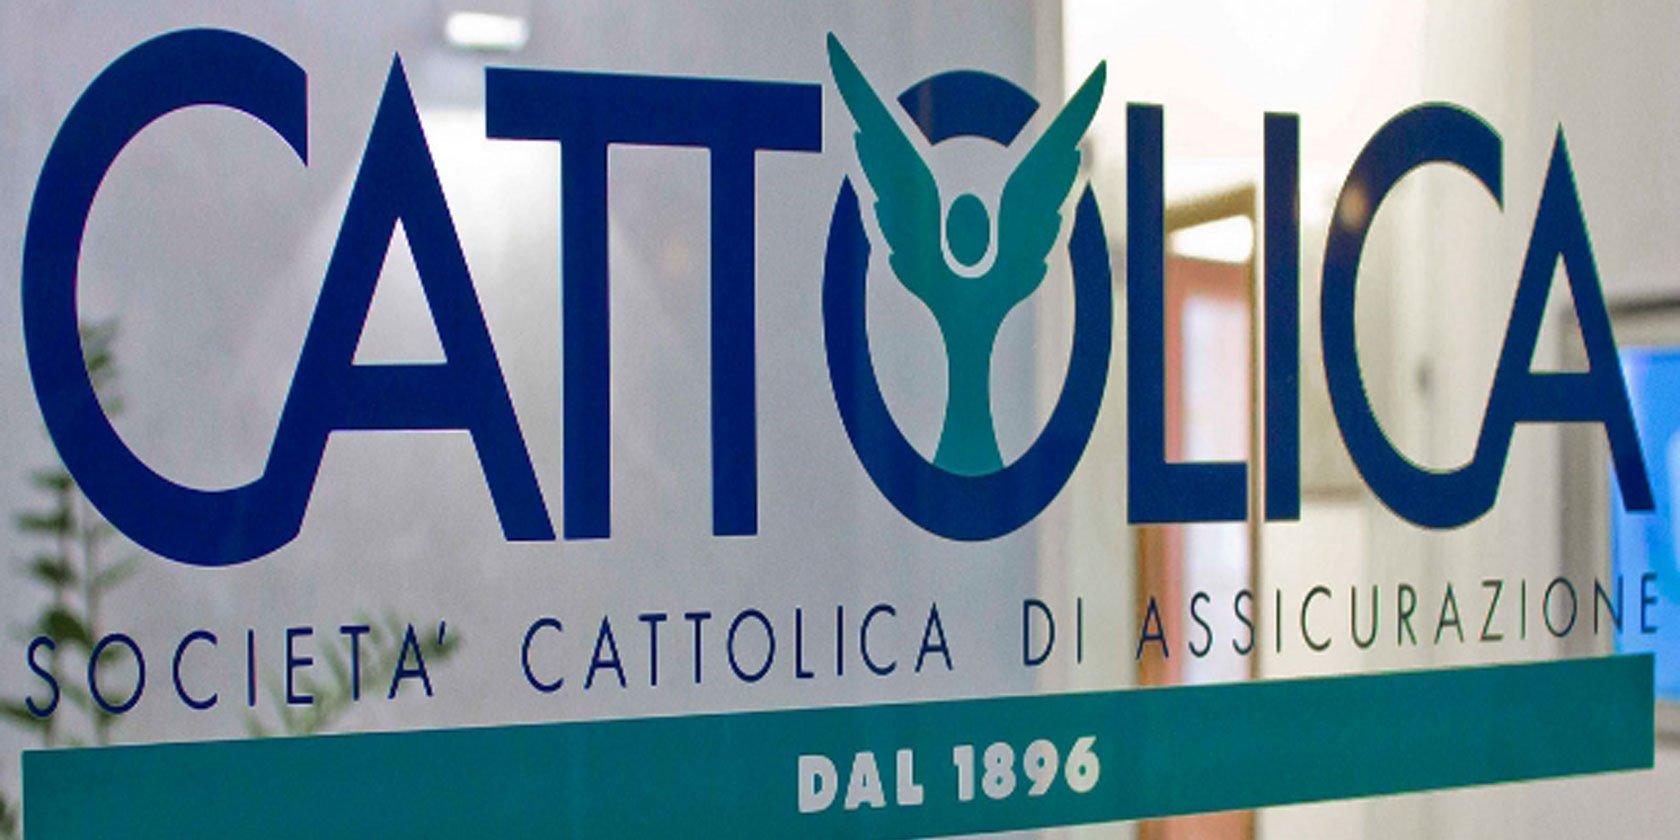 Generali in Cattolica e trasformazione in SpA dell'assicurazione di Verona